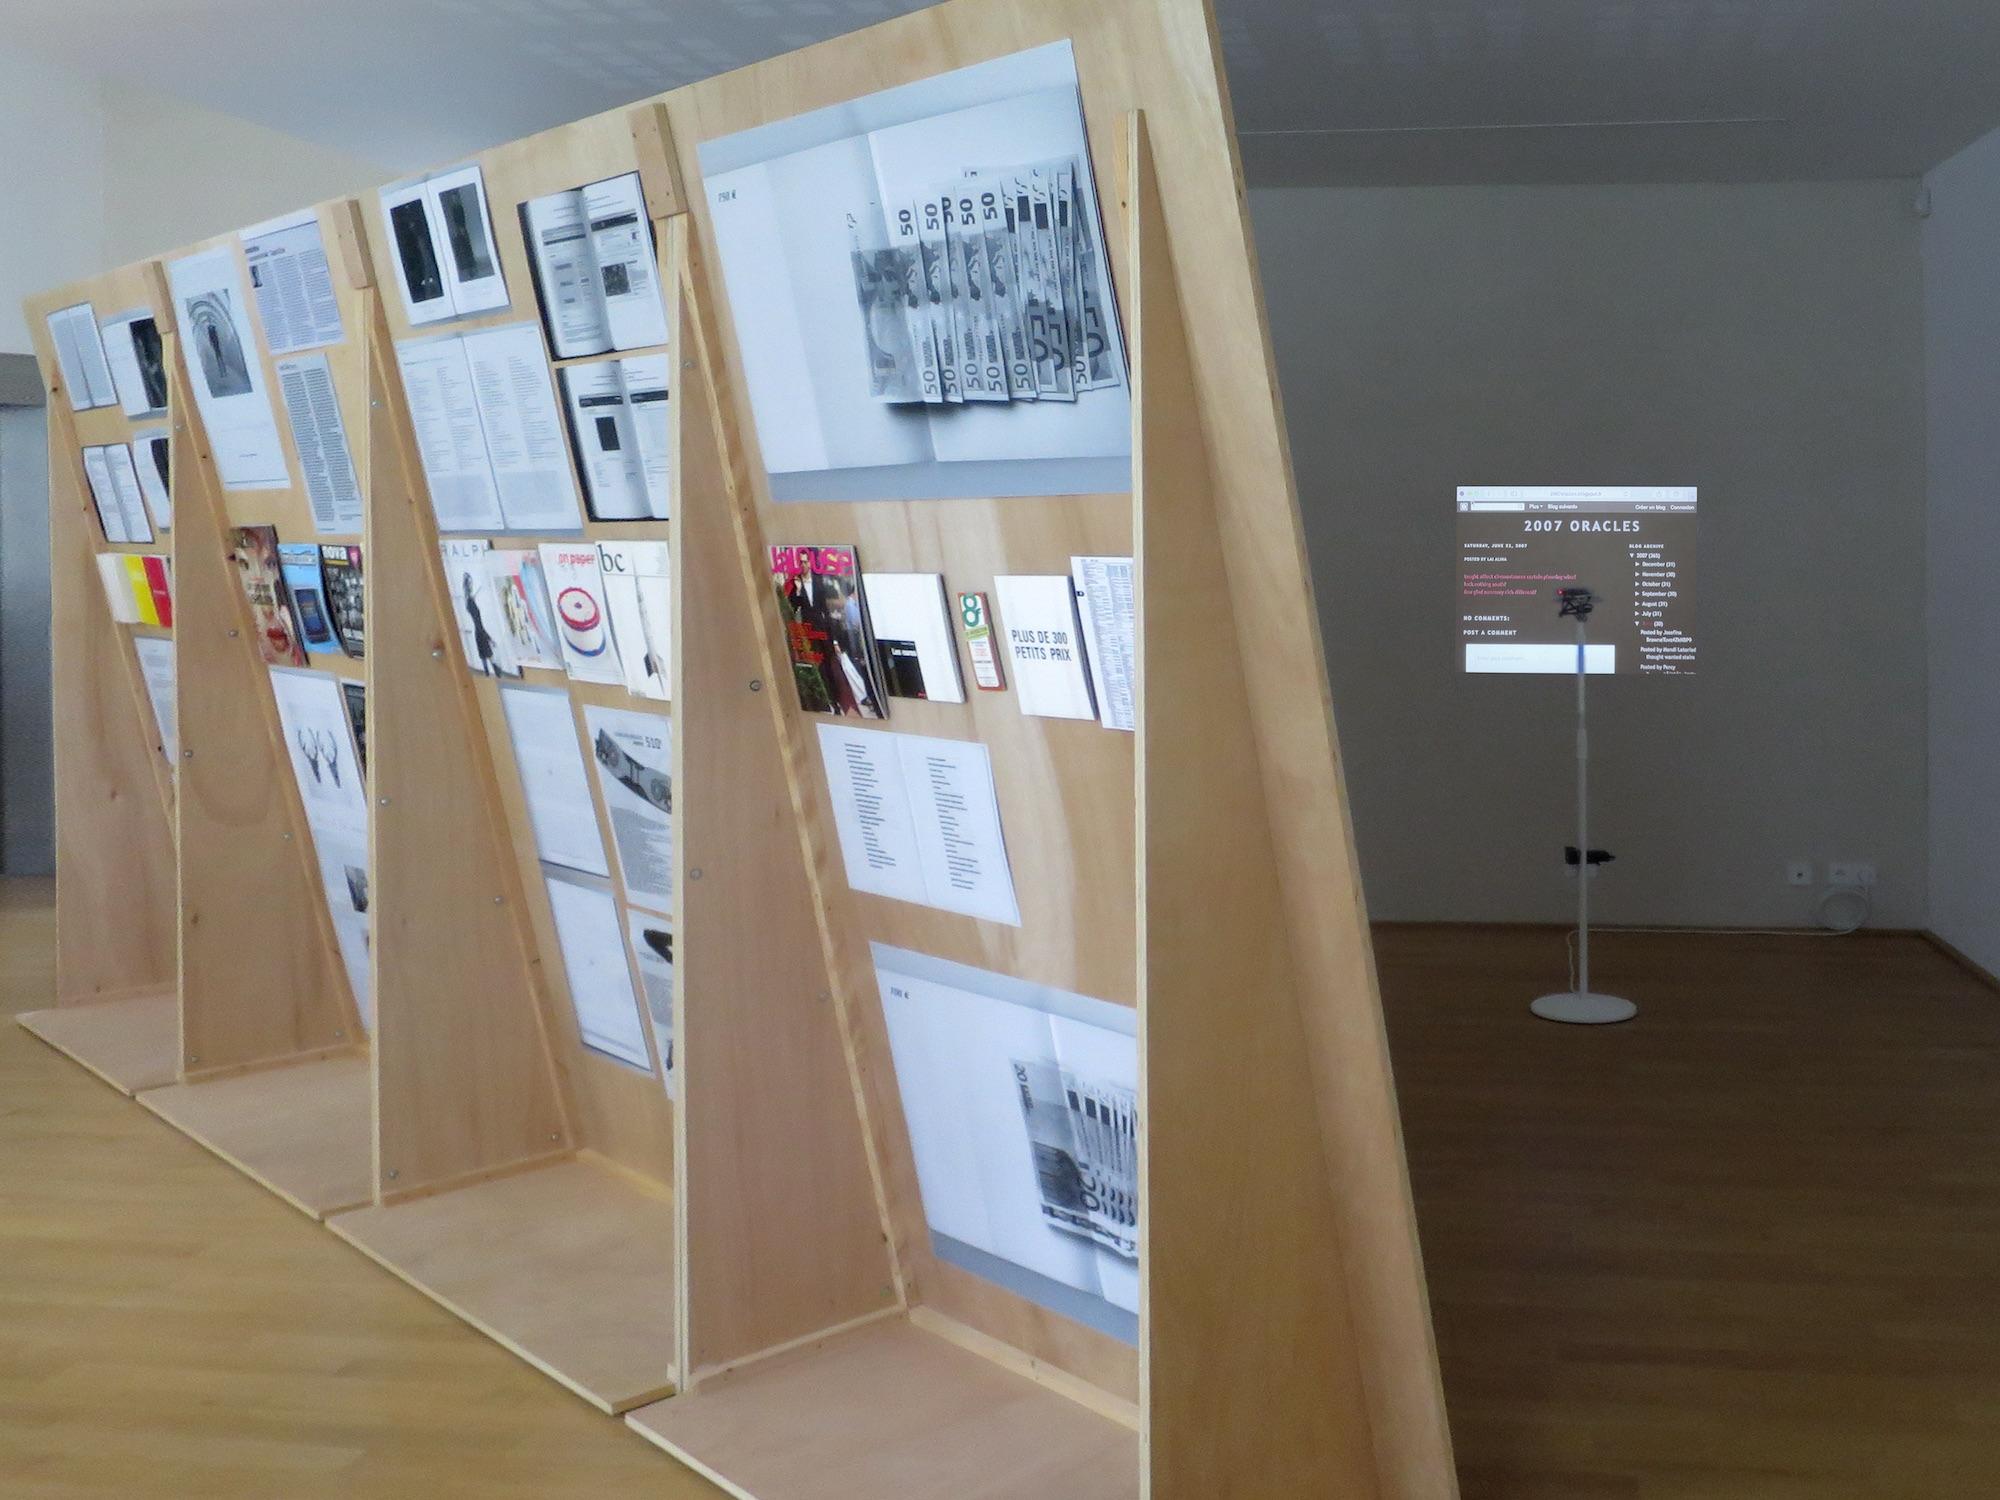 Claude Closky, 'ILUO,' Centre des livres d'artistes (CDLA), Saint-Yrieix-la-Perche. 23 June - 16 September 2017. Curated by Christian Lebrat, Didier Mathieu. Salle 4.2.jpg